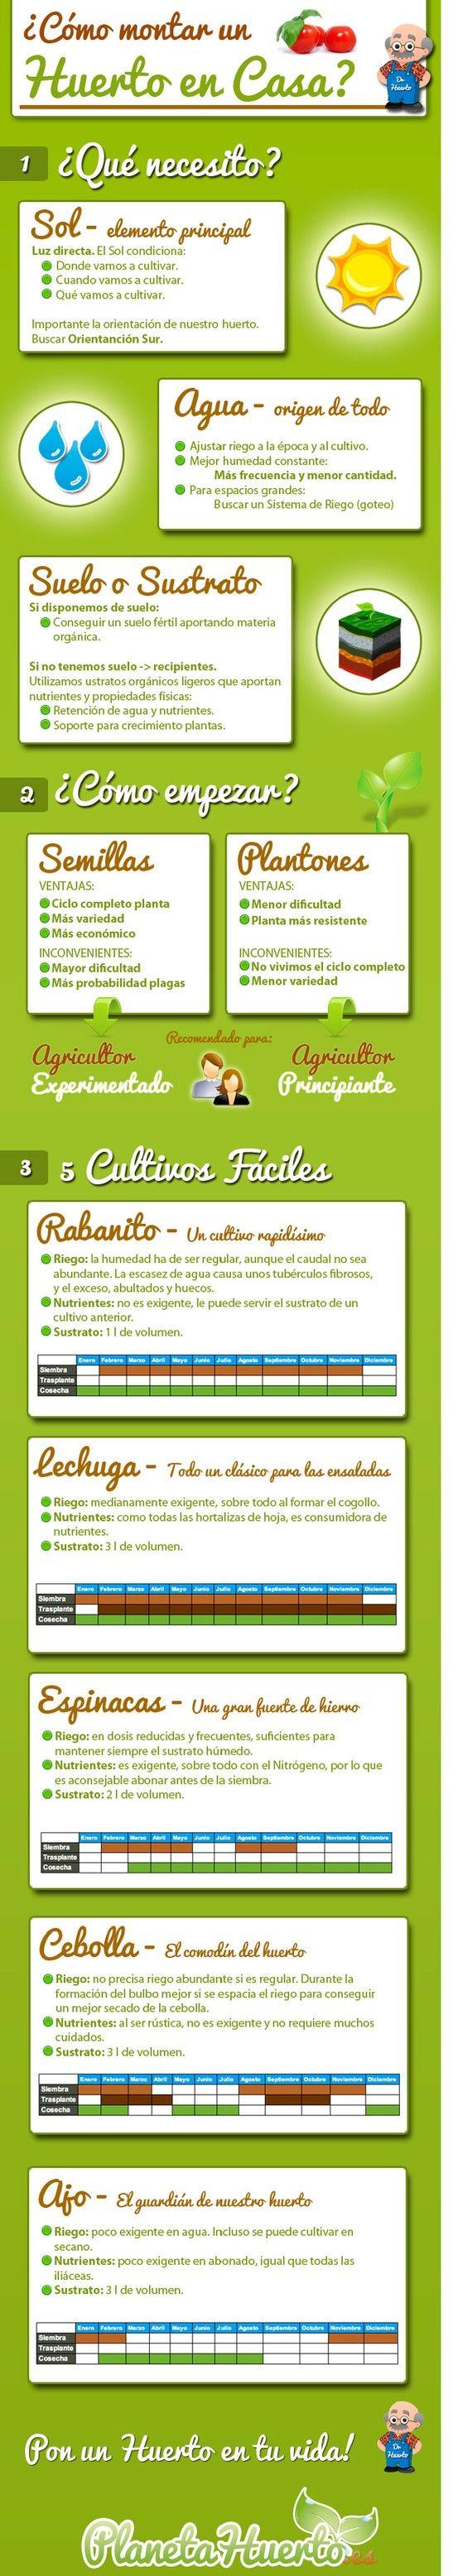 Cómo empezar el huerto familiar (infografía)